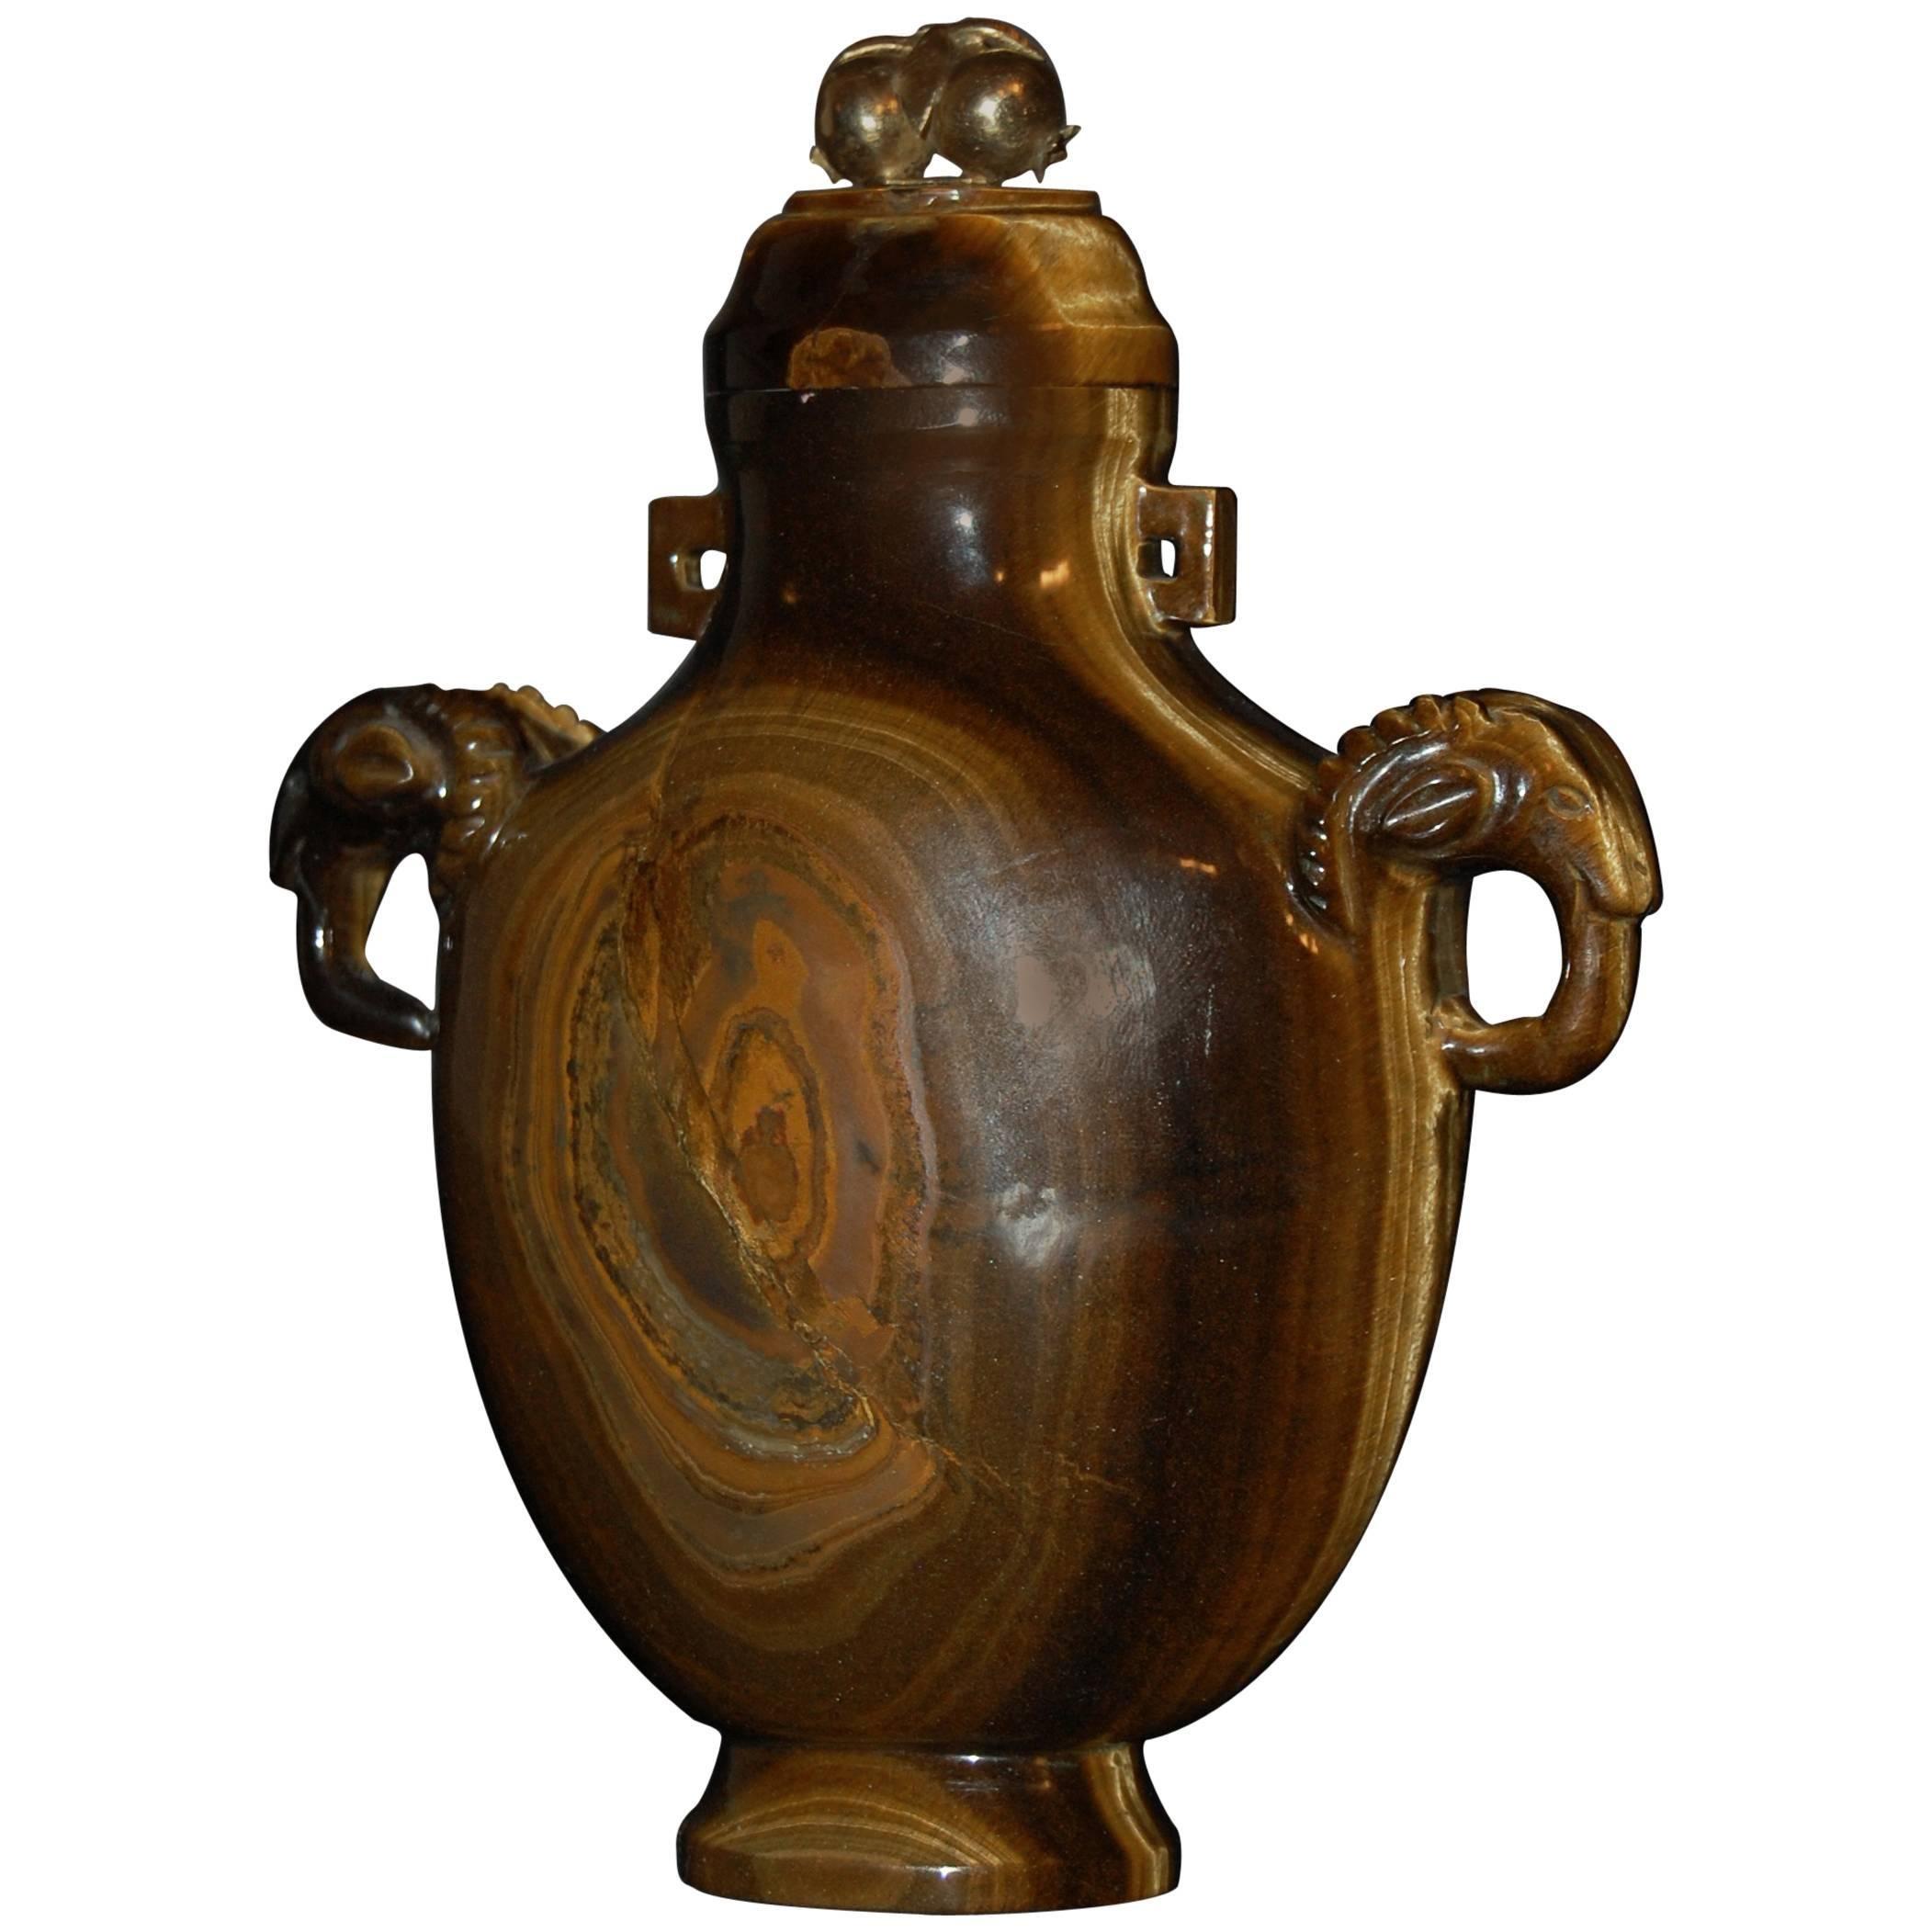 Tiger's-Eye Vase